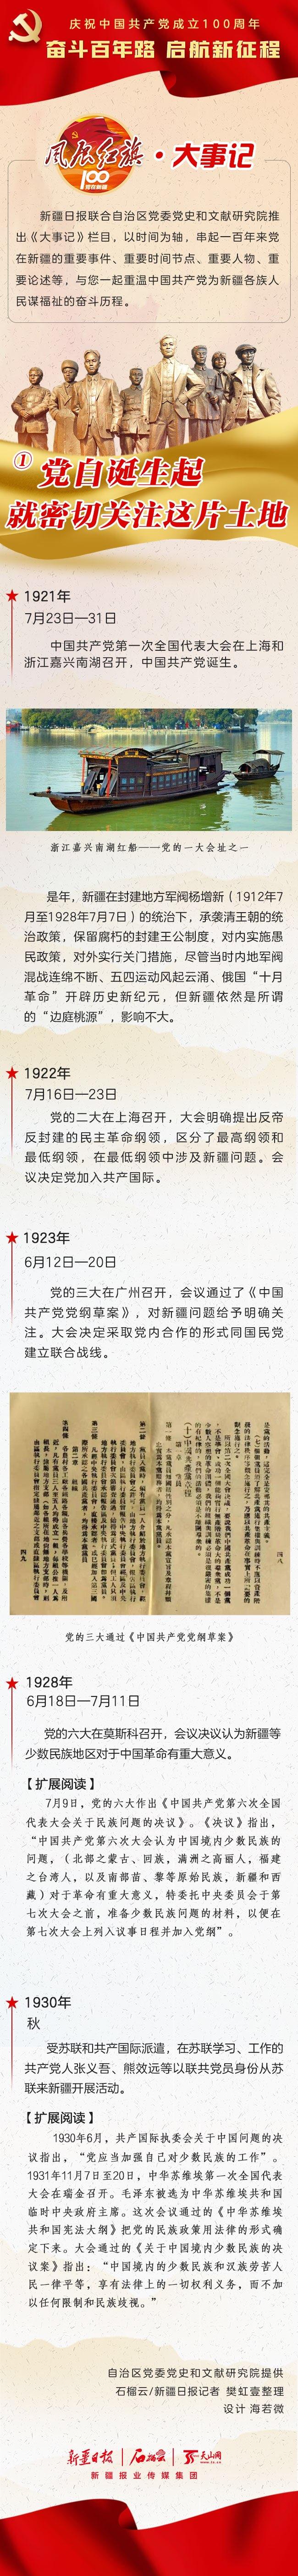 【风展红旗 党在新疆100年・大事记①